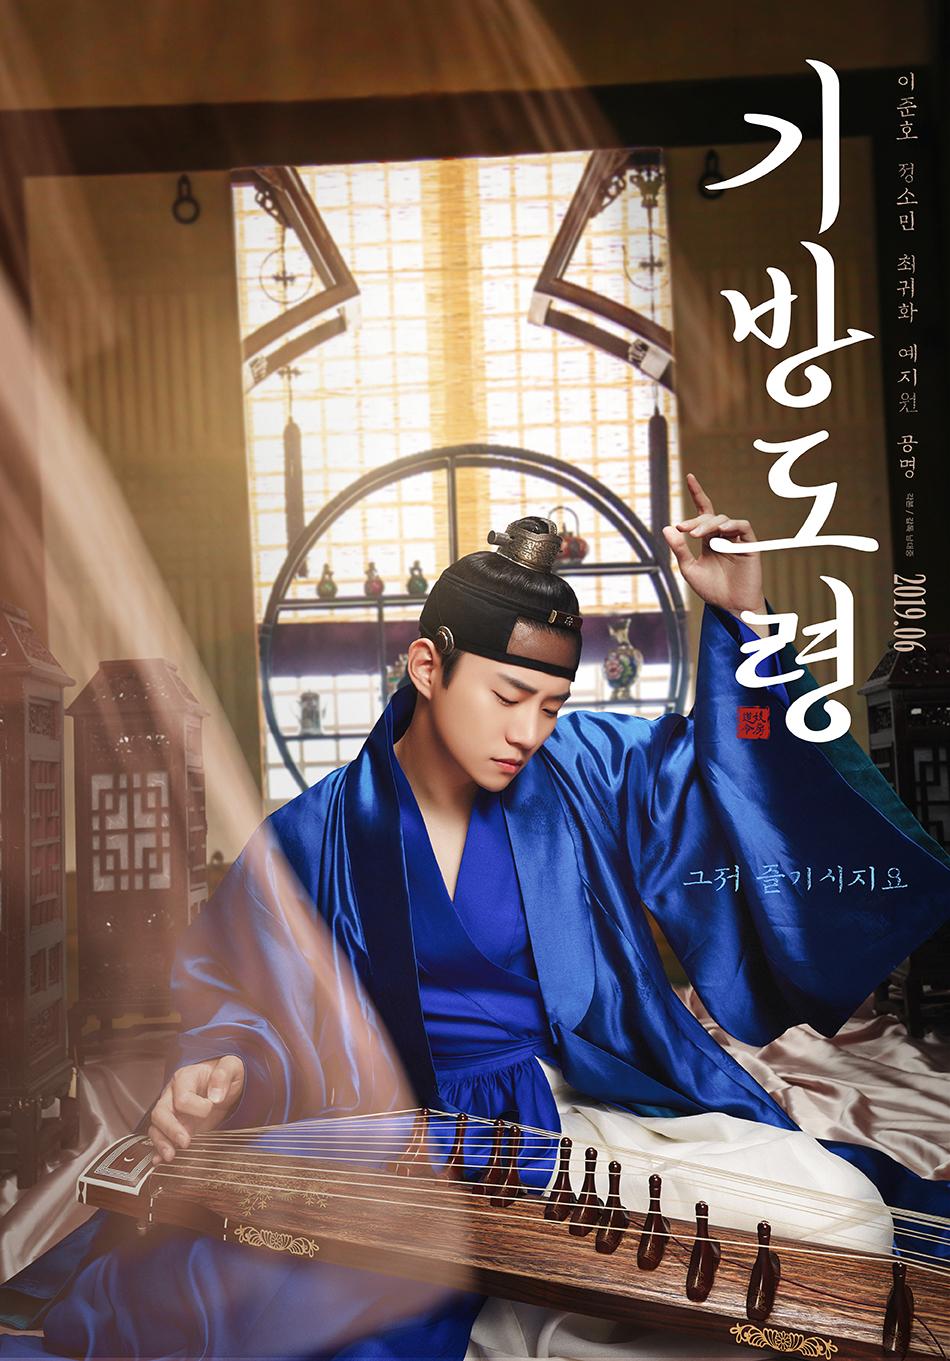 《妓坊公子》:6月上映 李俊昊特色预告海报公开